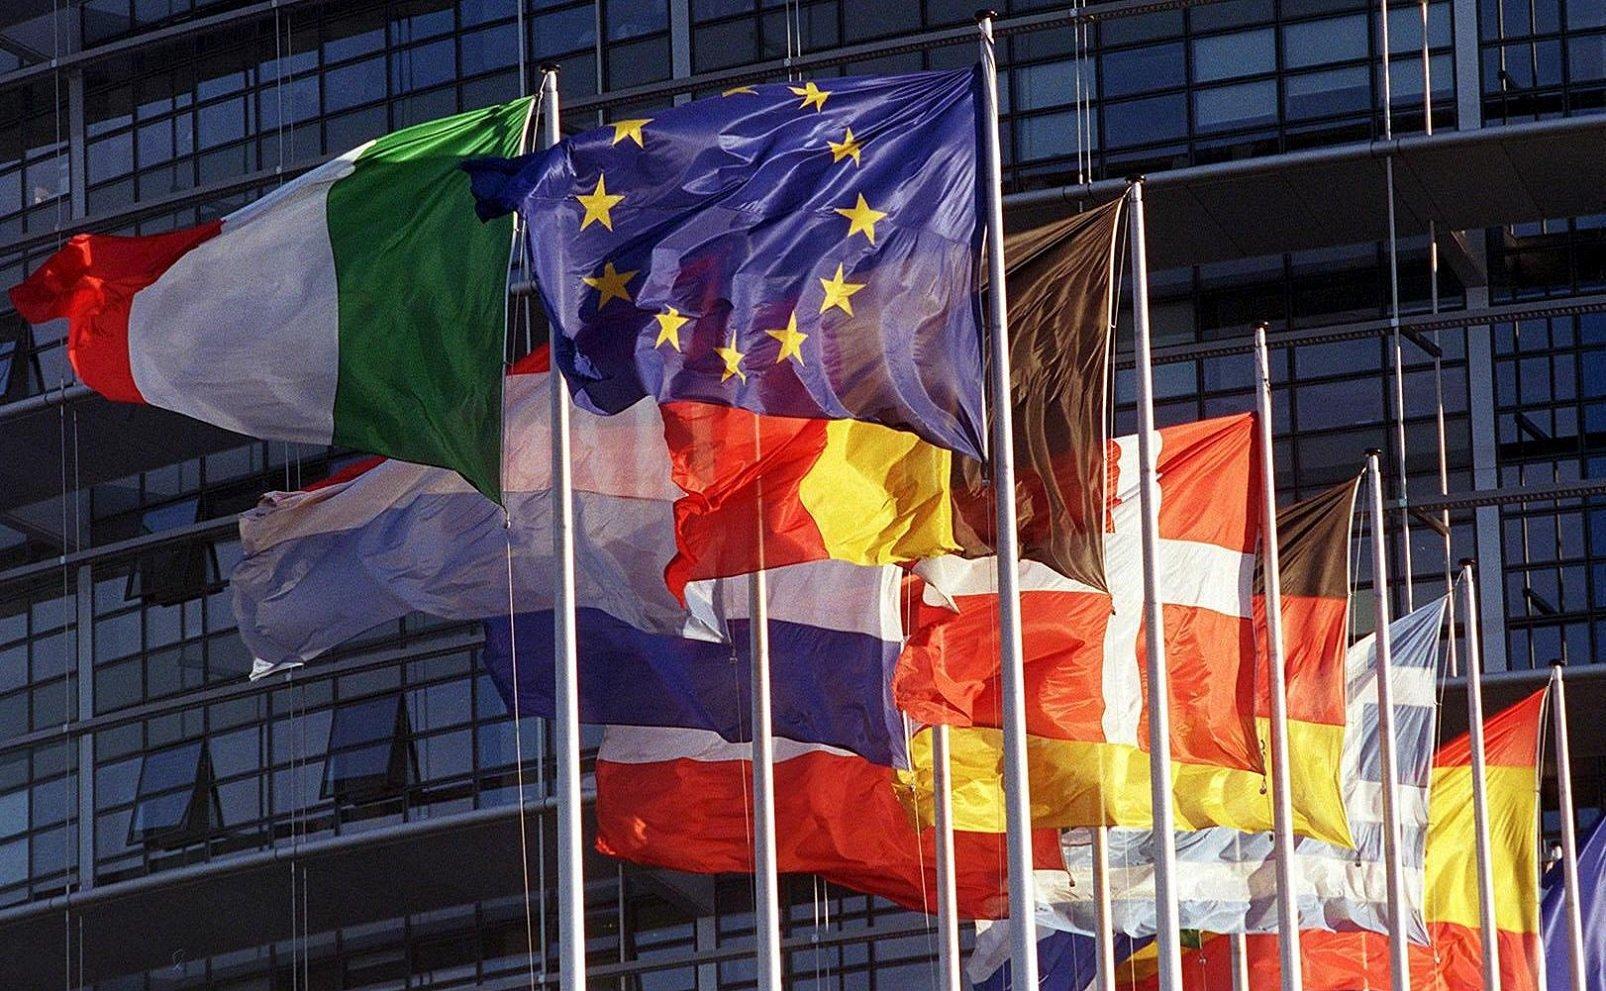 Unione europea: connessioni a 100 Mbps e copertura 5G per tutti entro il 2025